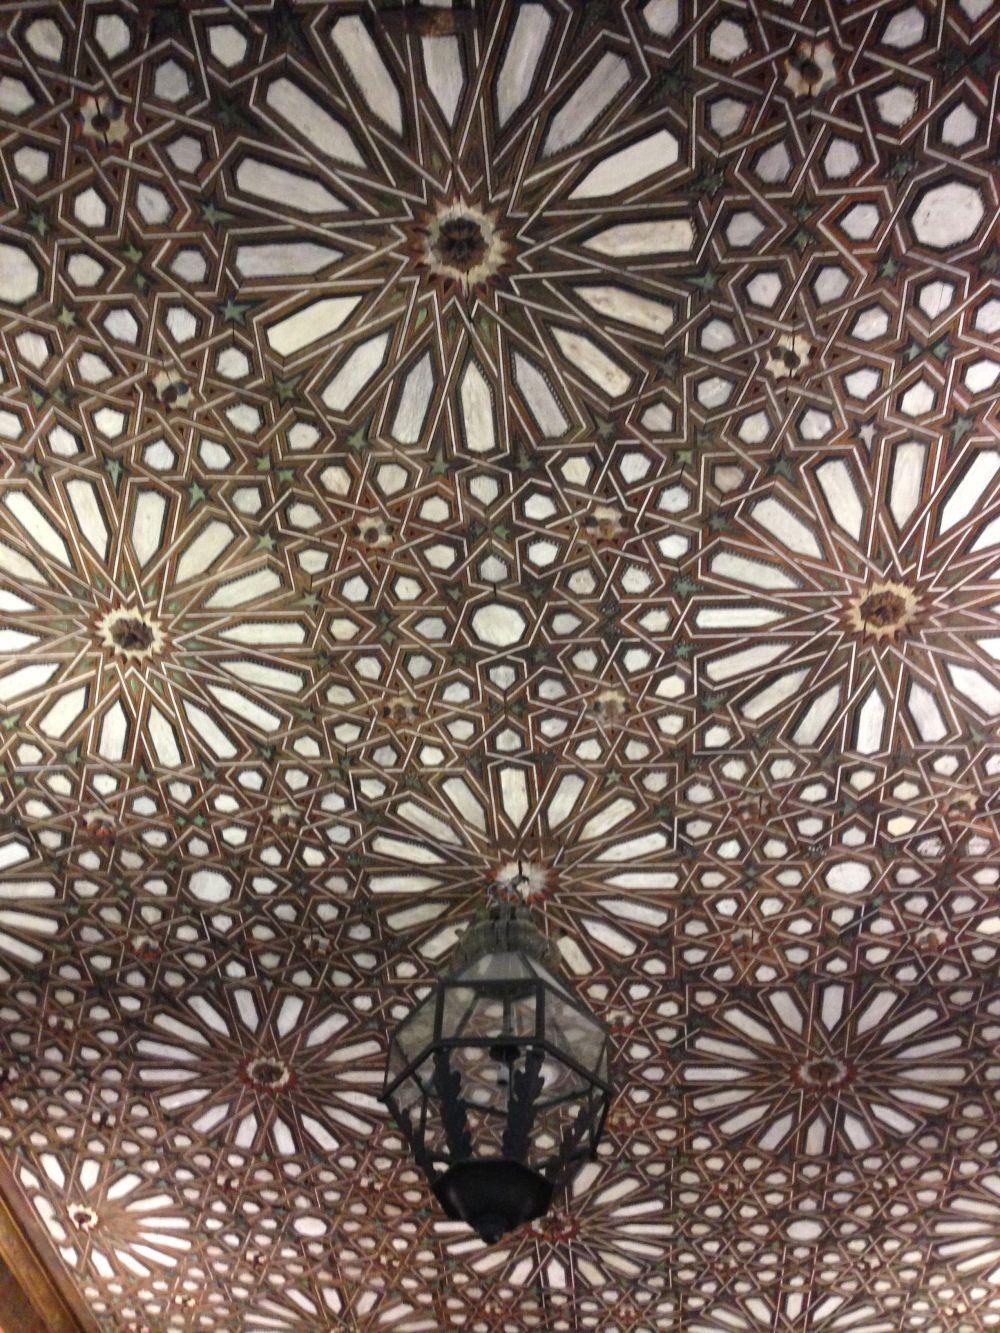 salamnac-beuatiful-univ-ceiling